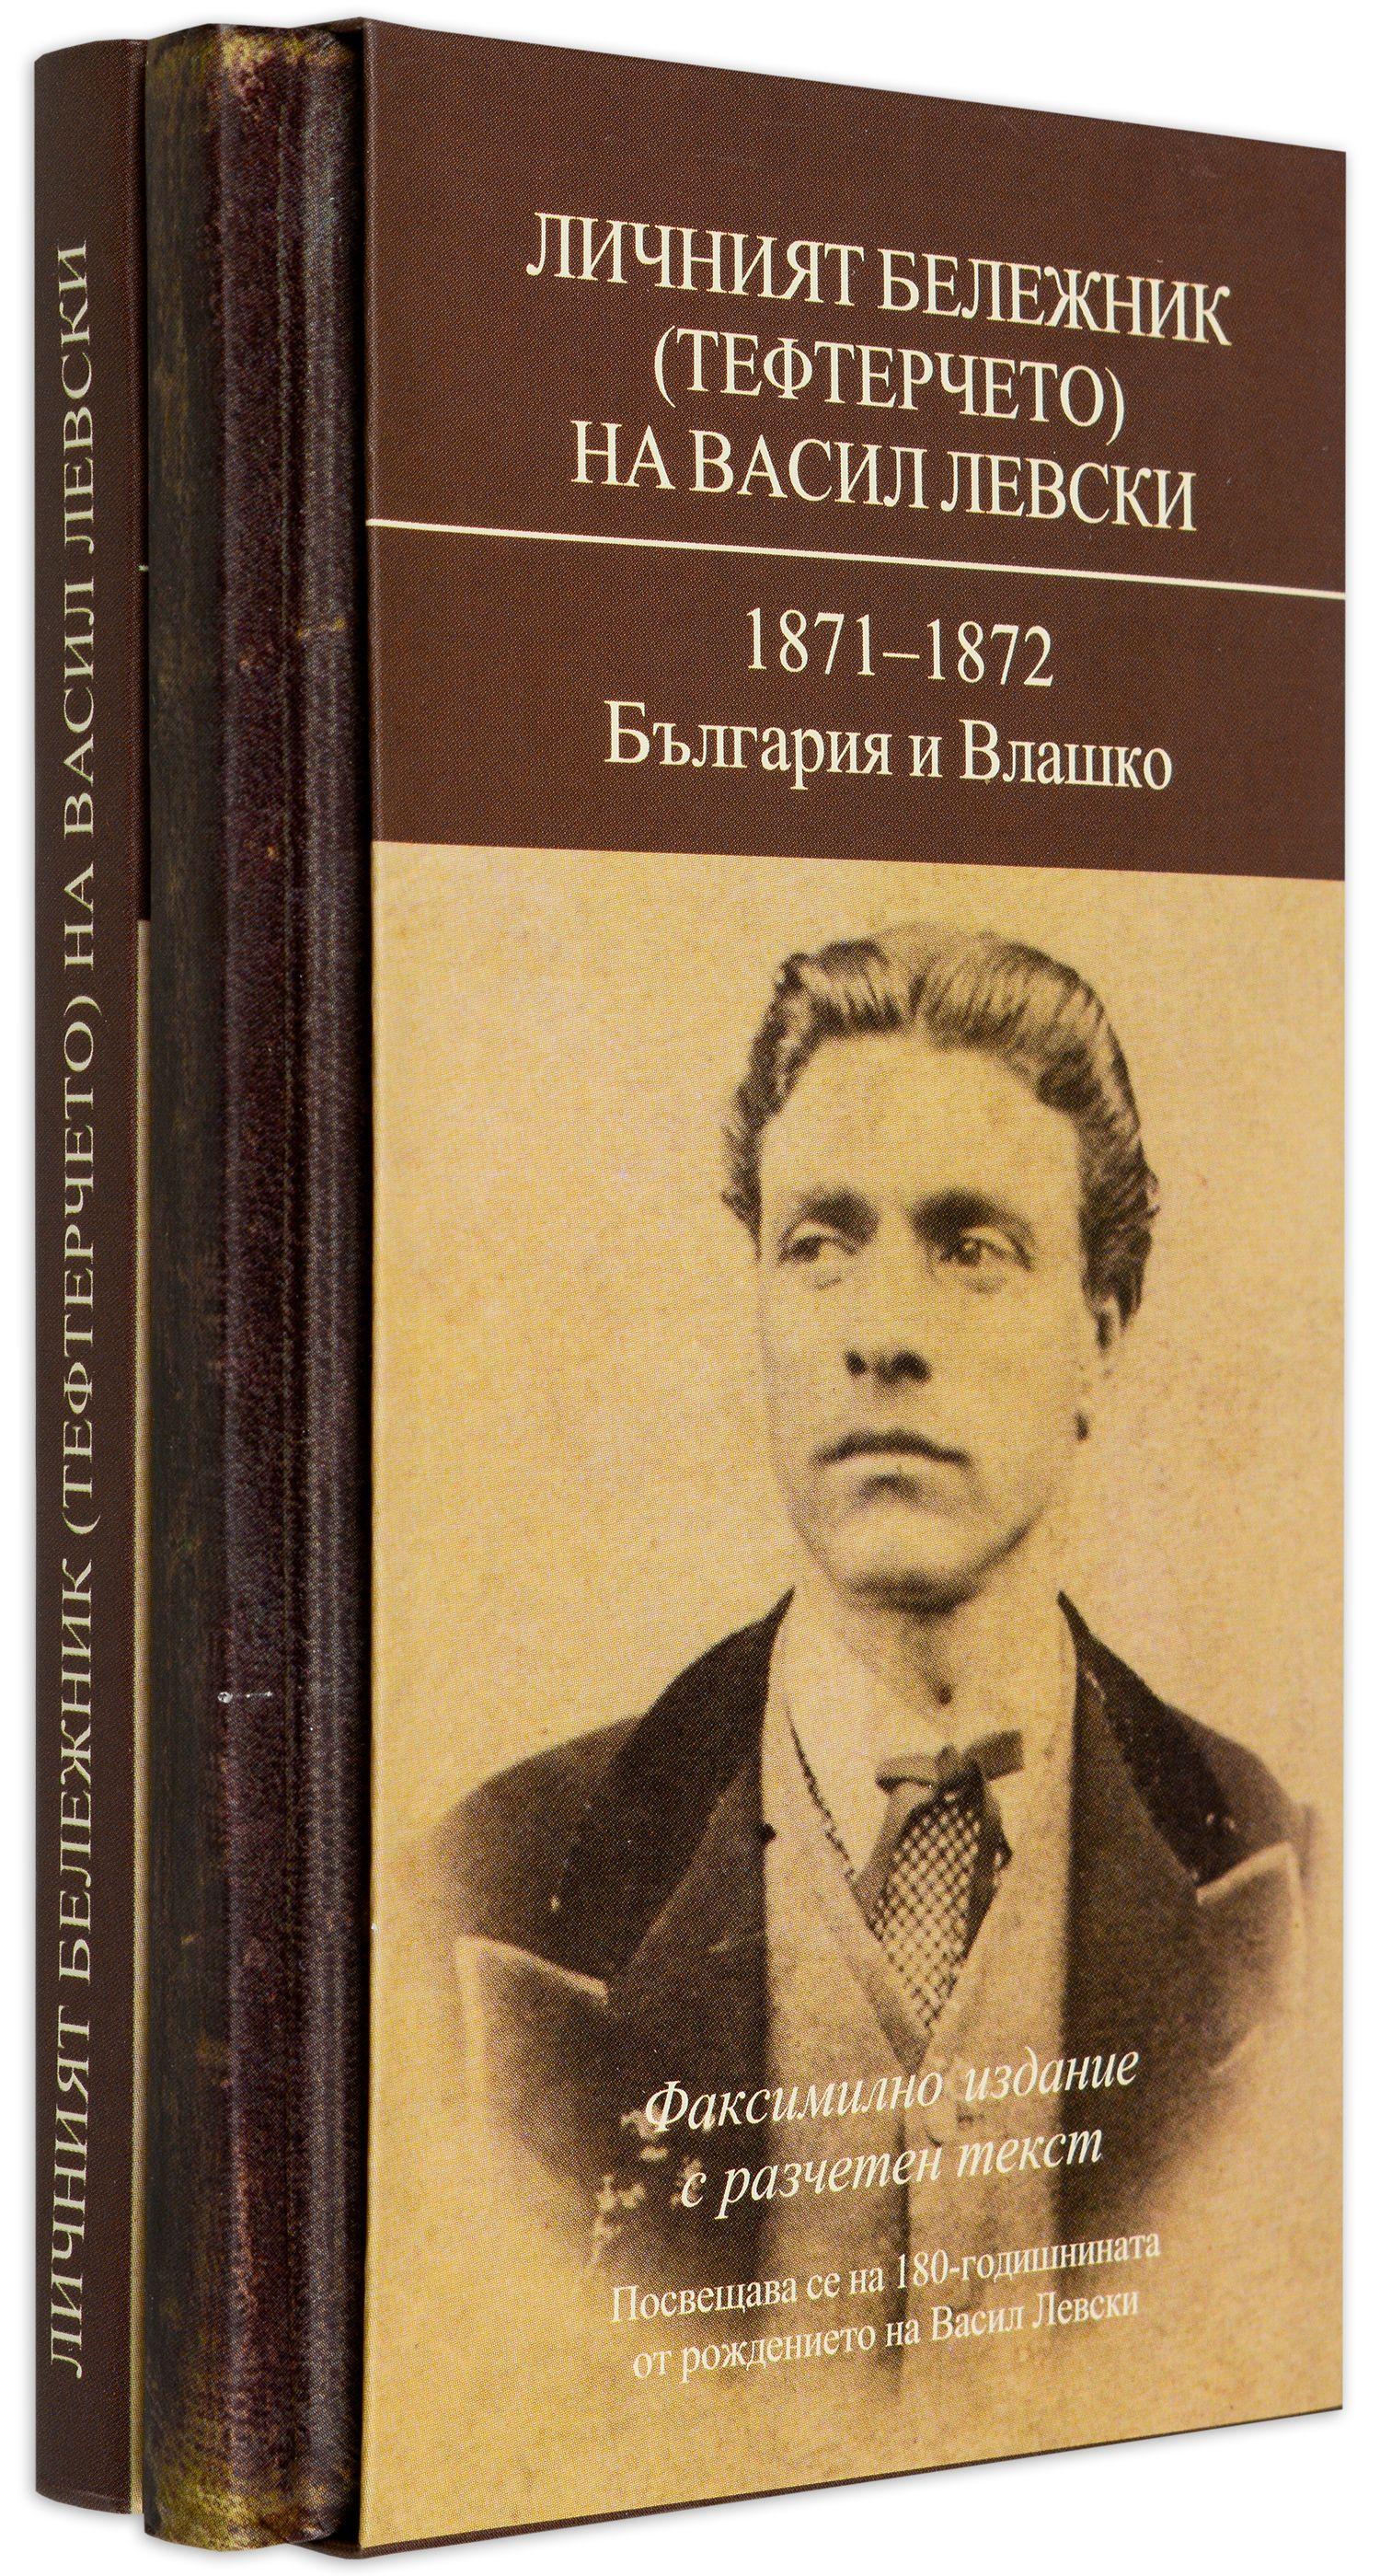 Личният бележник (тефтерчето) на Васил Левски. 1871-1872. България и Влашко - 1